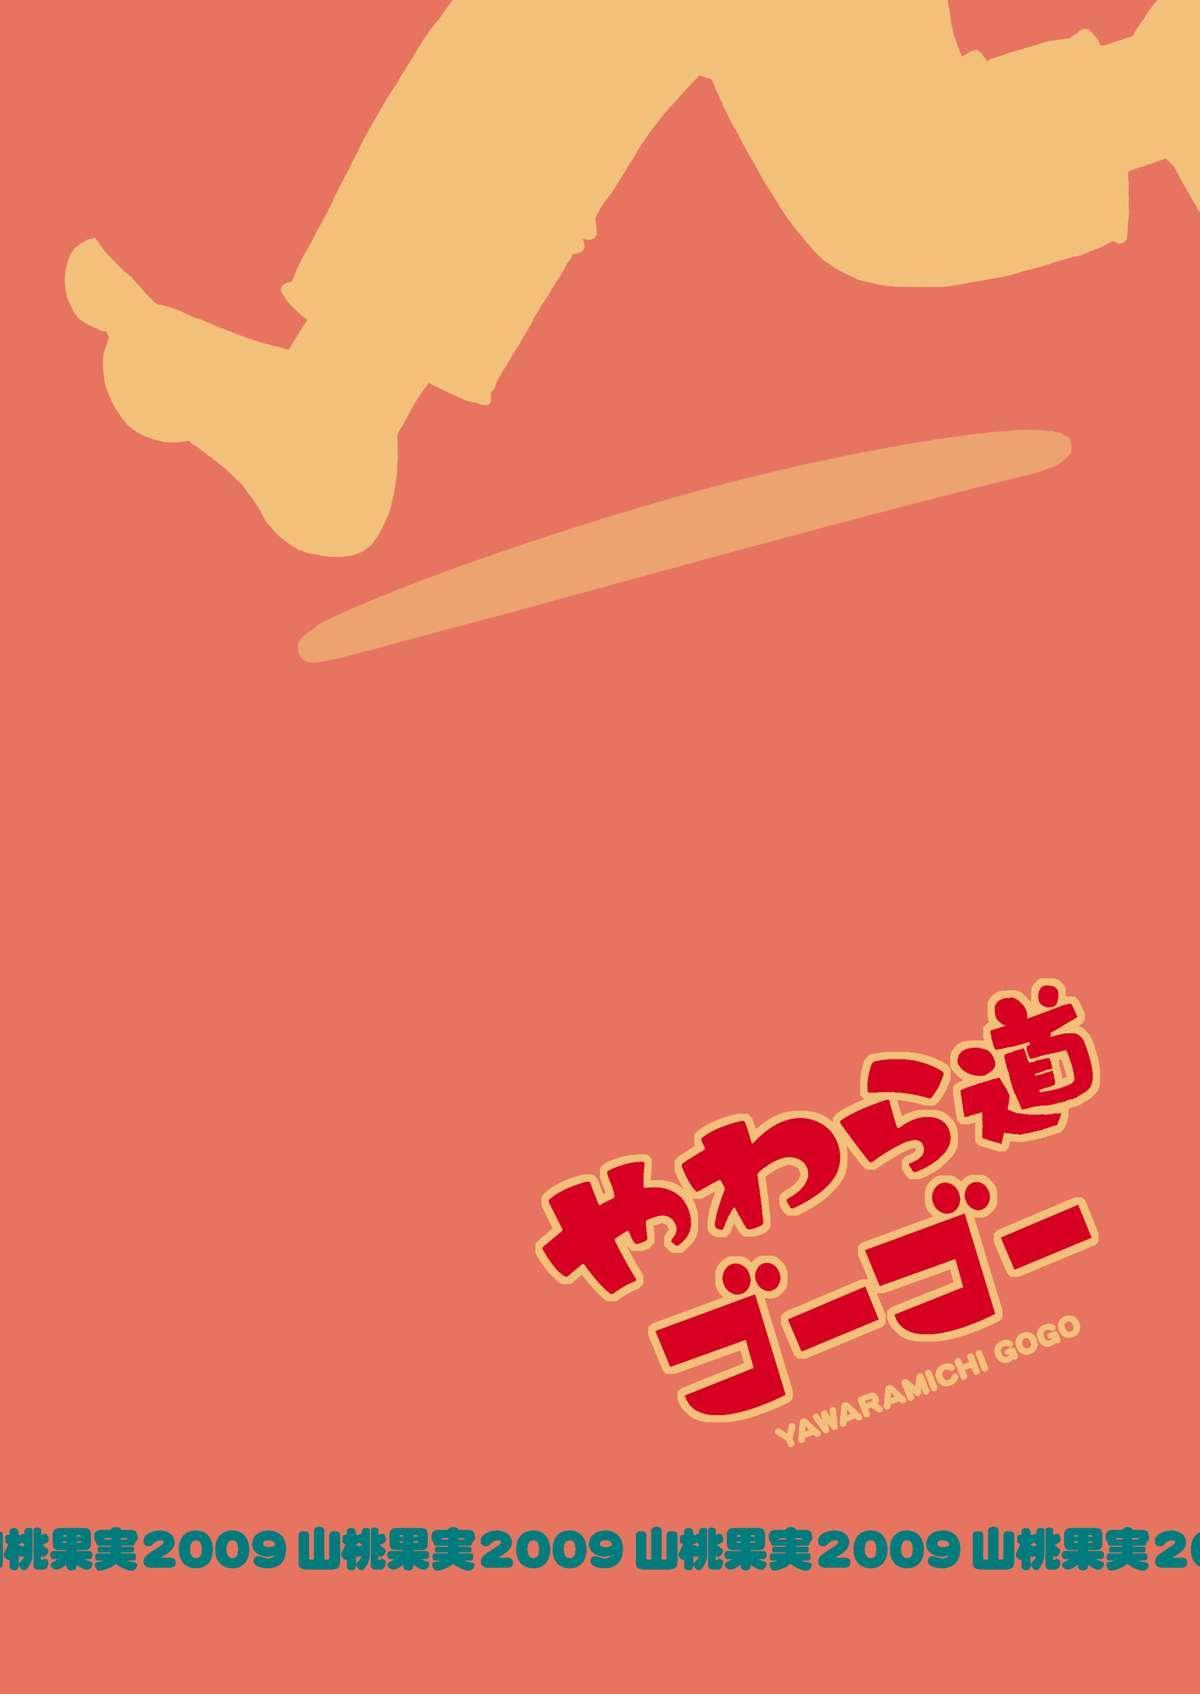 Yawaramichi GoGo 21